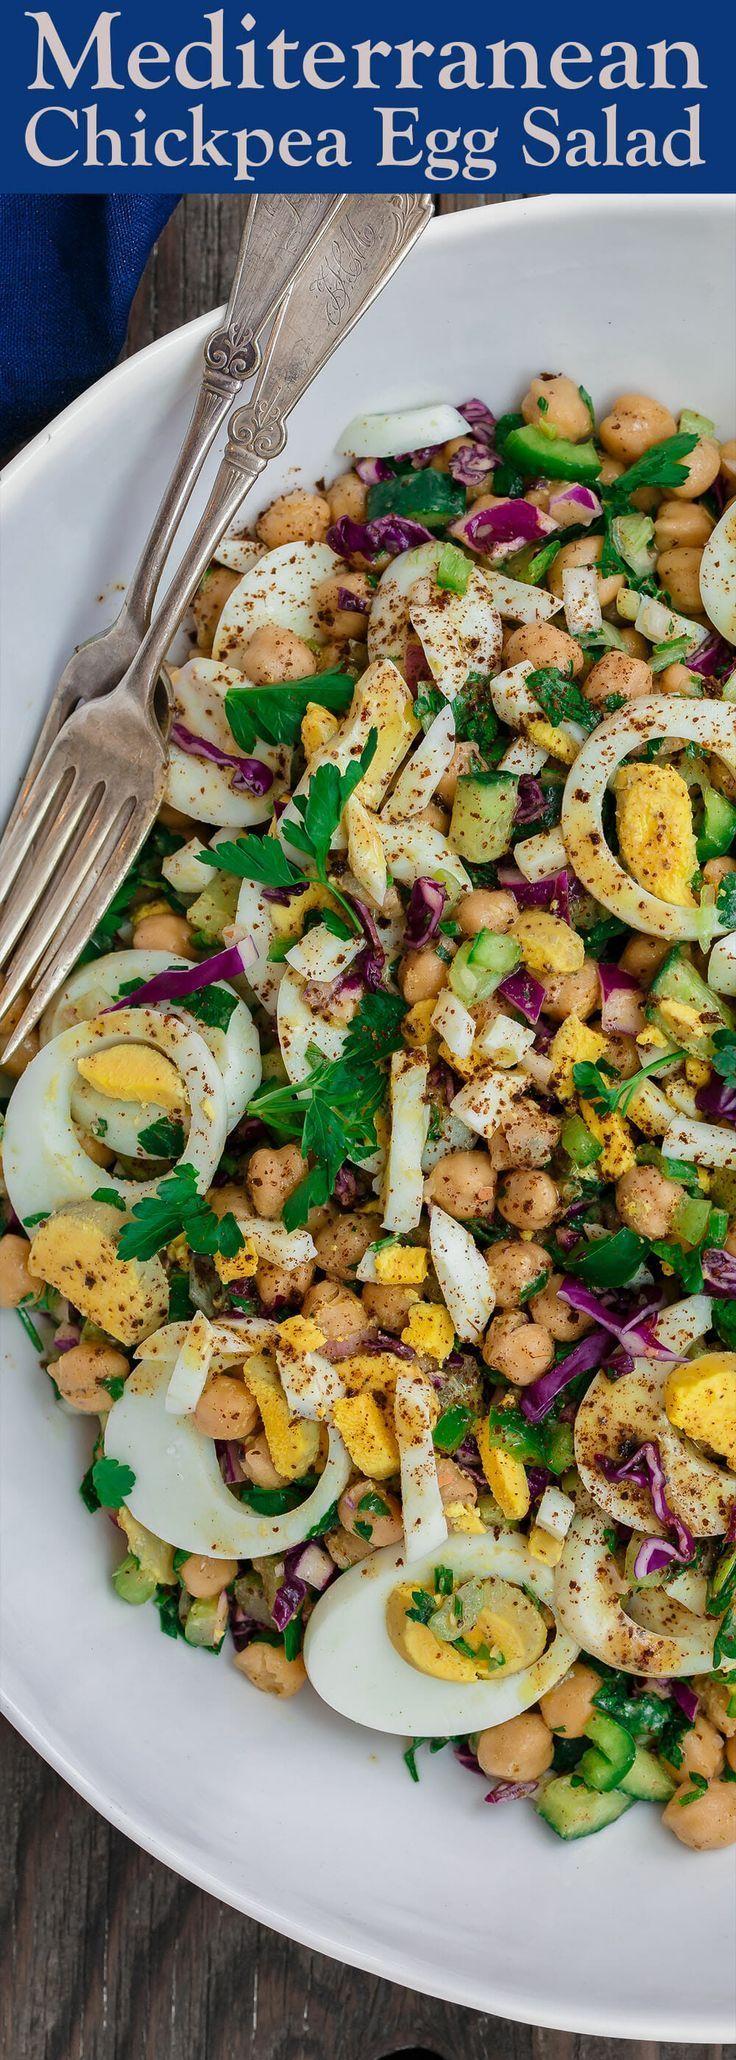 Mediterranean Chickpea Egg Salad